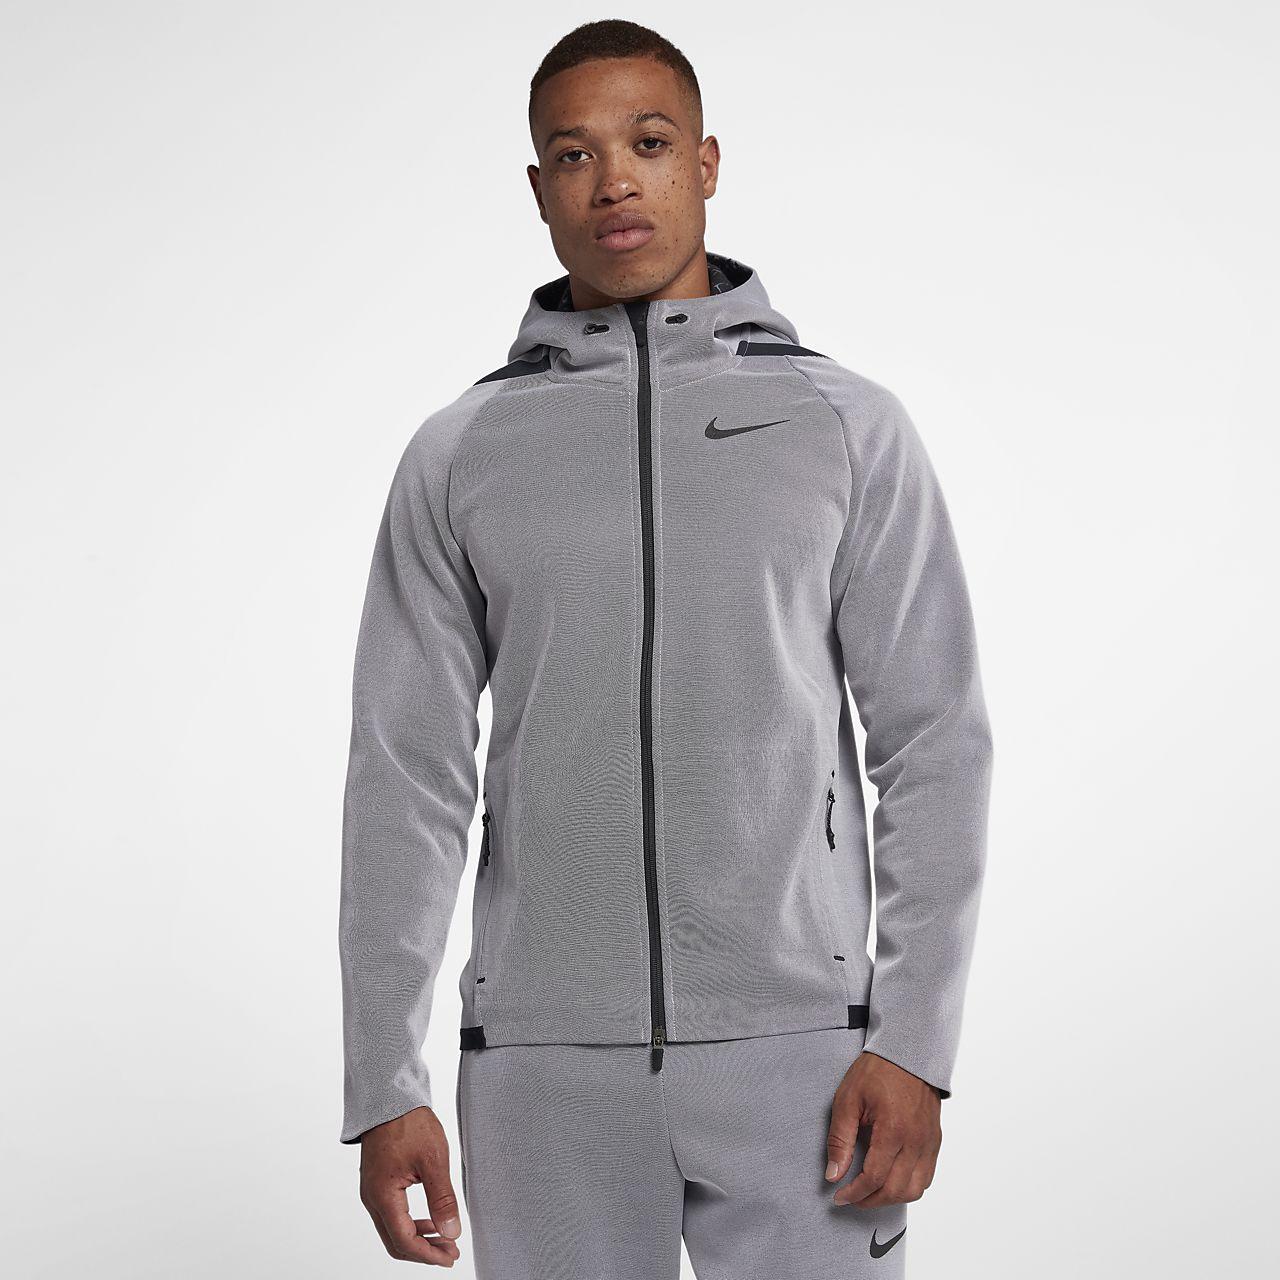 Veste de training Nike Therma Sphere pour Homme